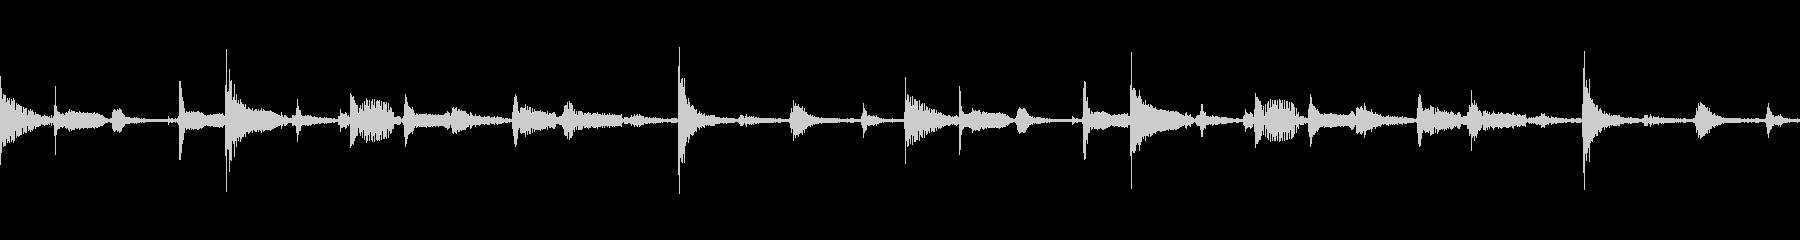 シンセサイザー、ストリングス、ピア...の未再生の波形